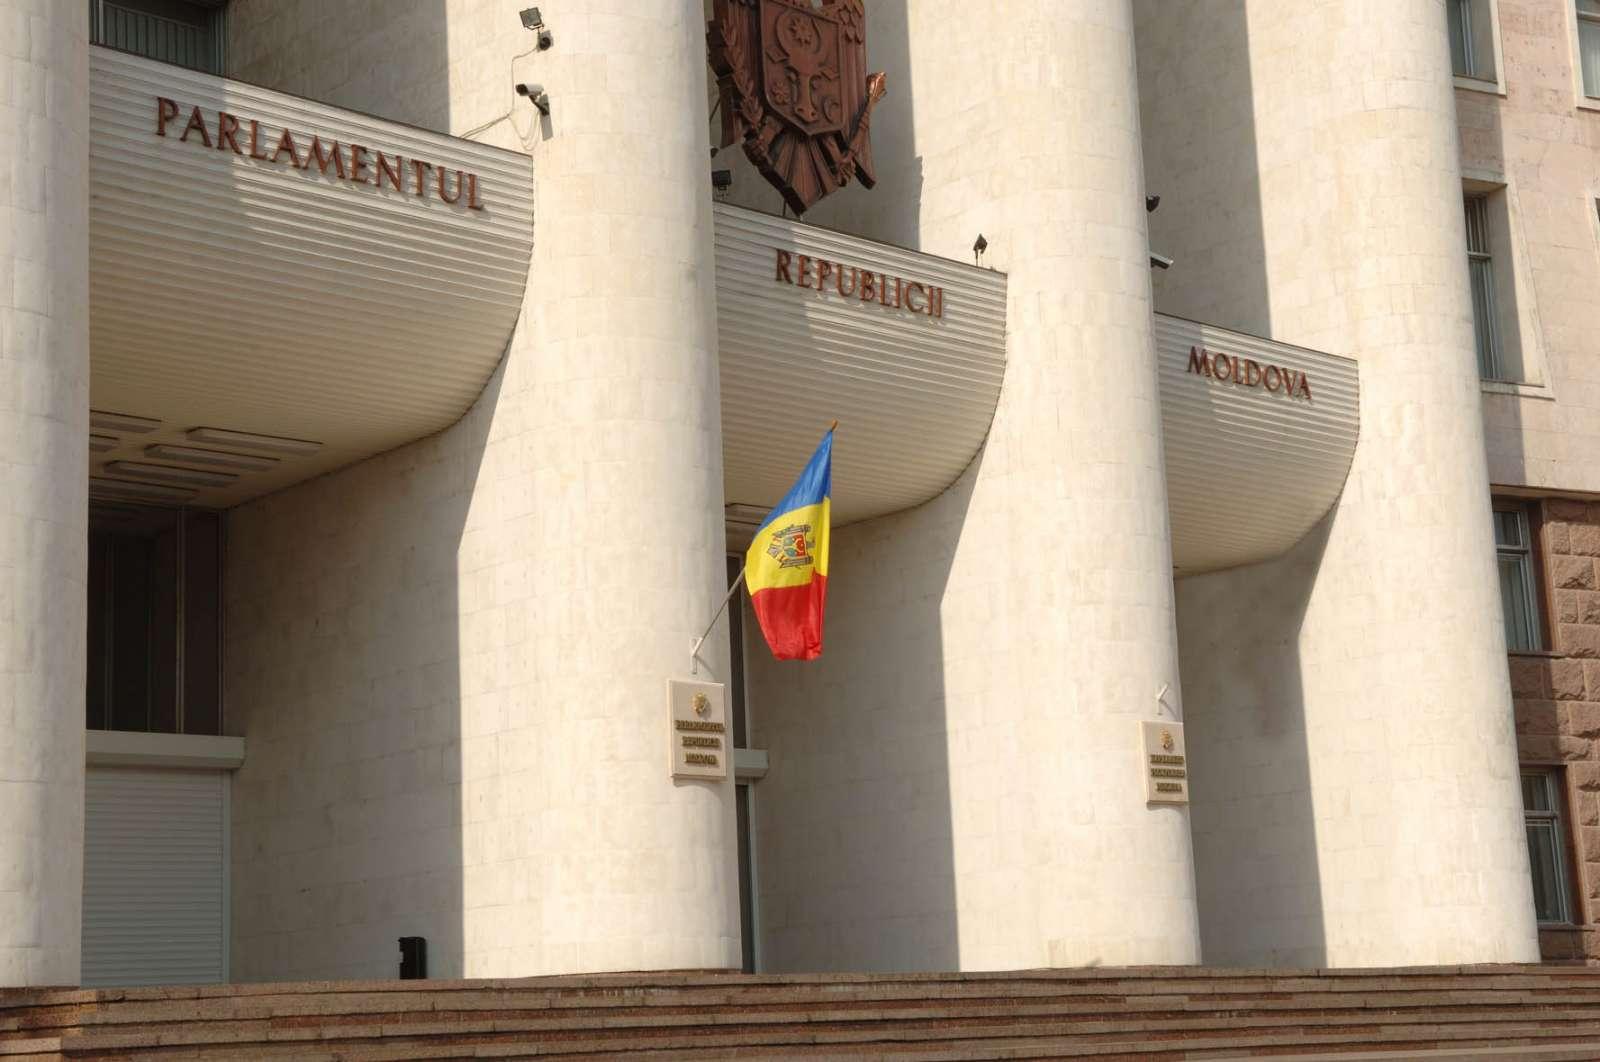 Сообщение о бомбе перед зданием парламента